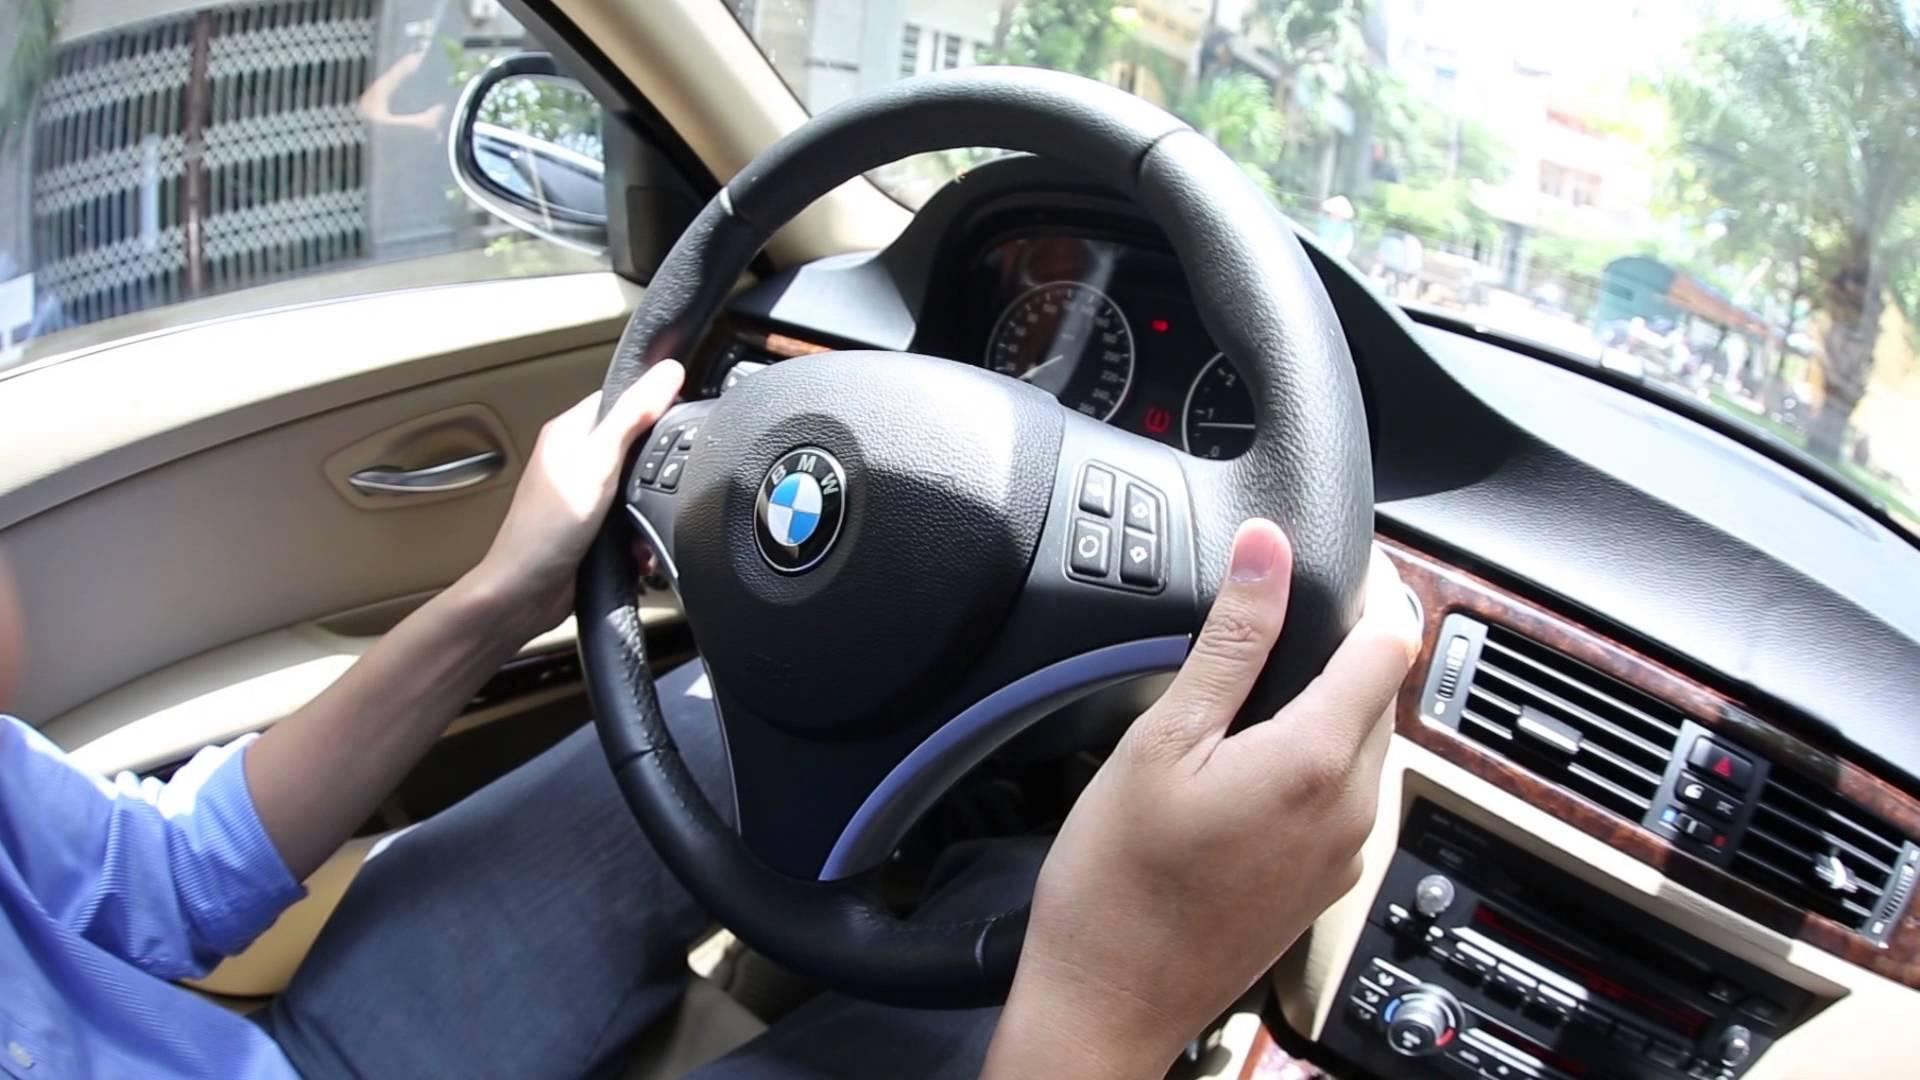 Cung cấp điều nên biết khi sử dụng ô tô ở Việt Nam